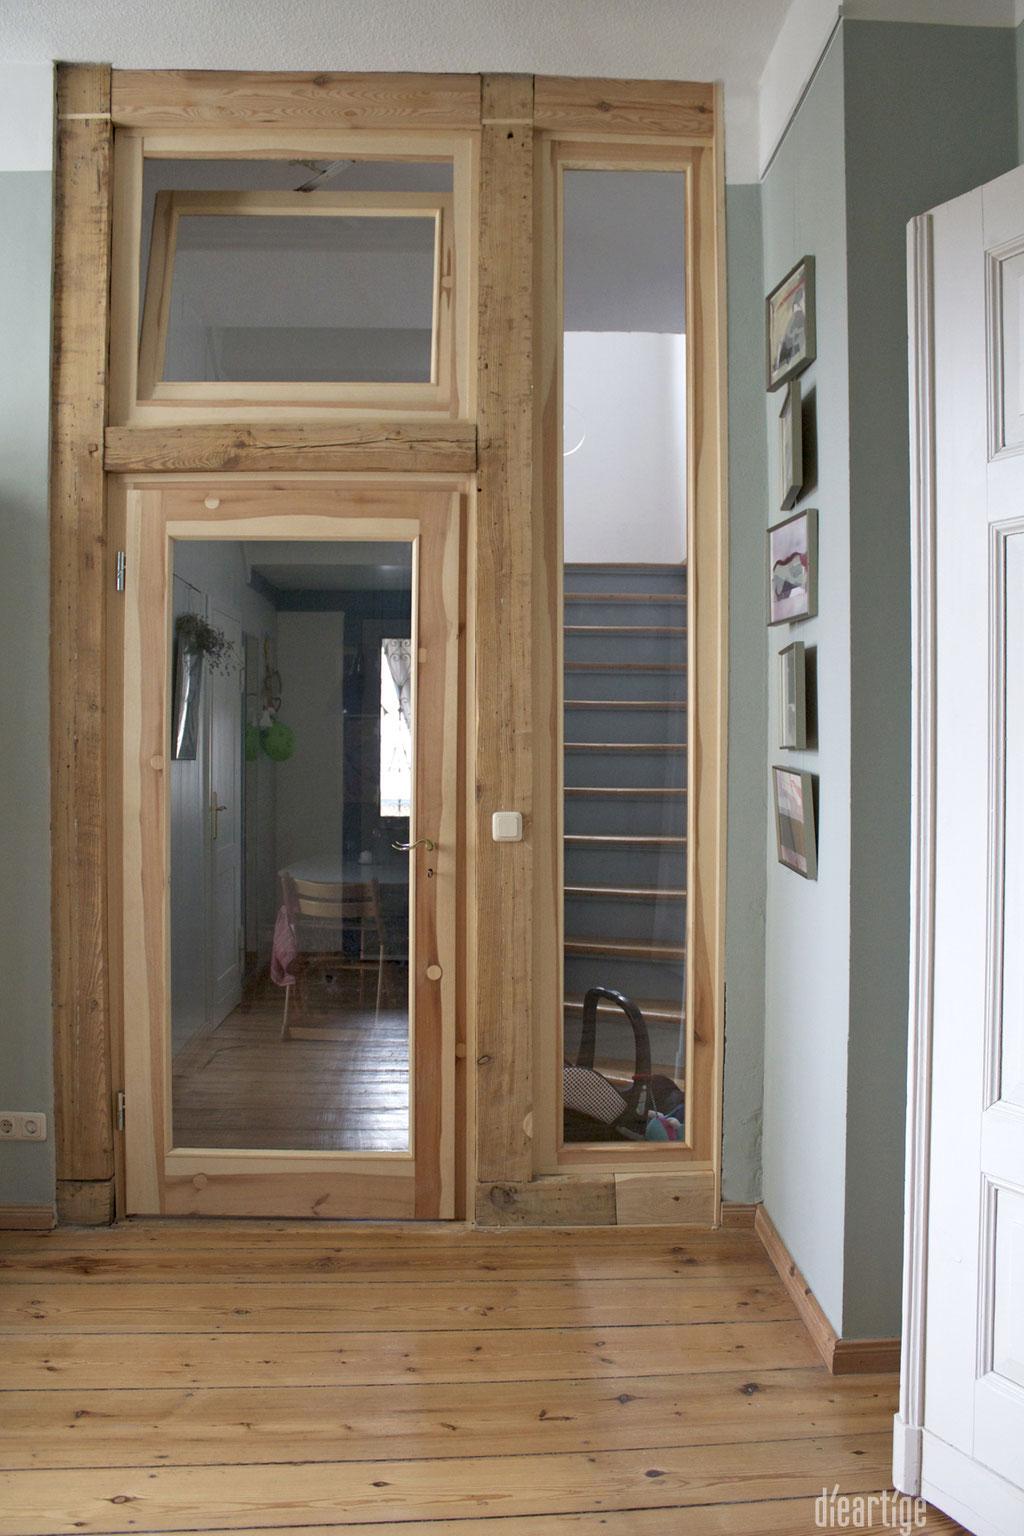 dieartige -Gestaltung | EssZi // Fam. F. | Holzrahmentür mit integriertem alten Balken